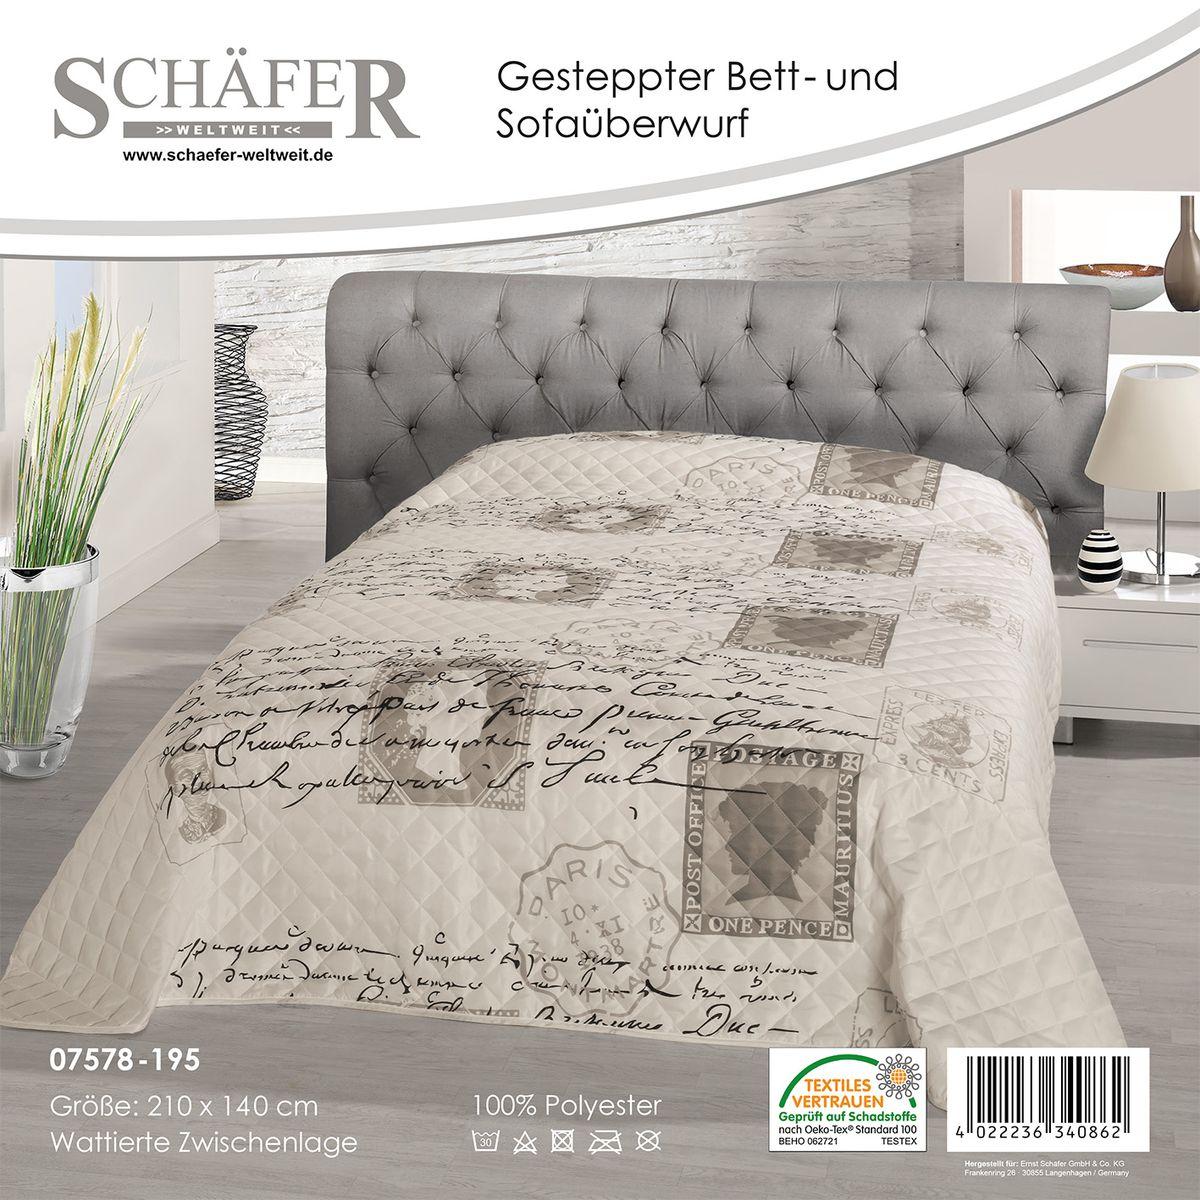 Покрывало Schaefer, цвет: белый, светло-серый, 140 х 210 см07578-195Изящное покрывало Schaefer гармонично впишется в интерьер вашего дома и создаст атмосферу уюта и комфорта. Покрывало выполнено из высококачественного полиэстера и оформлено оригинальным рисунком. Такое покрывало согреет в прохладную погоду и будет превосходно дополнять интерьер вашей спальни. Высочайшее качество материала гарантирует безопасность не только взрослых, но и самых маленьких членов семьи. Покрывало может подчеркнуть любой стиль интерьера, задать ему нужный тон - от игривого до ностальгического. Покрывало Schaefer станет отличным подарком, который будет всегда актуален, особенно для ваших родных и близких, ведь вы дарите им частичку своего тепла! Размер: 140 х 210 см.